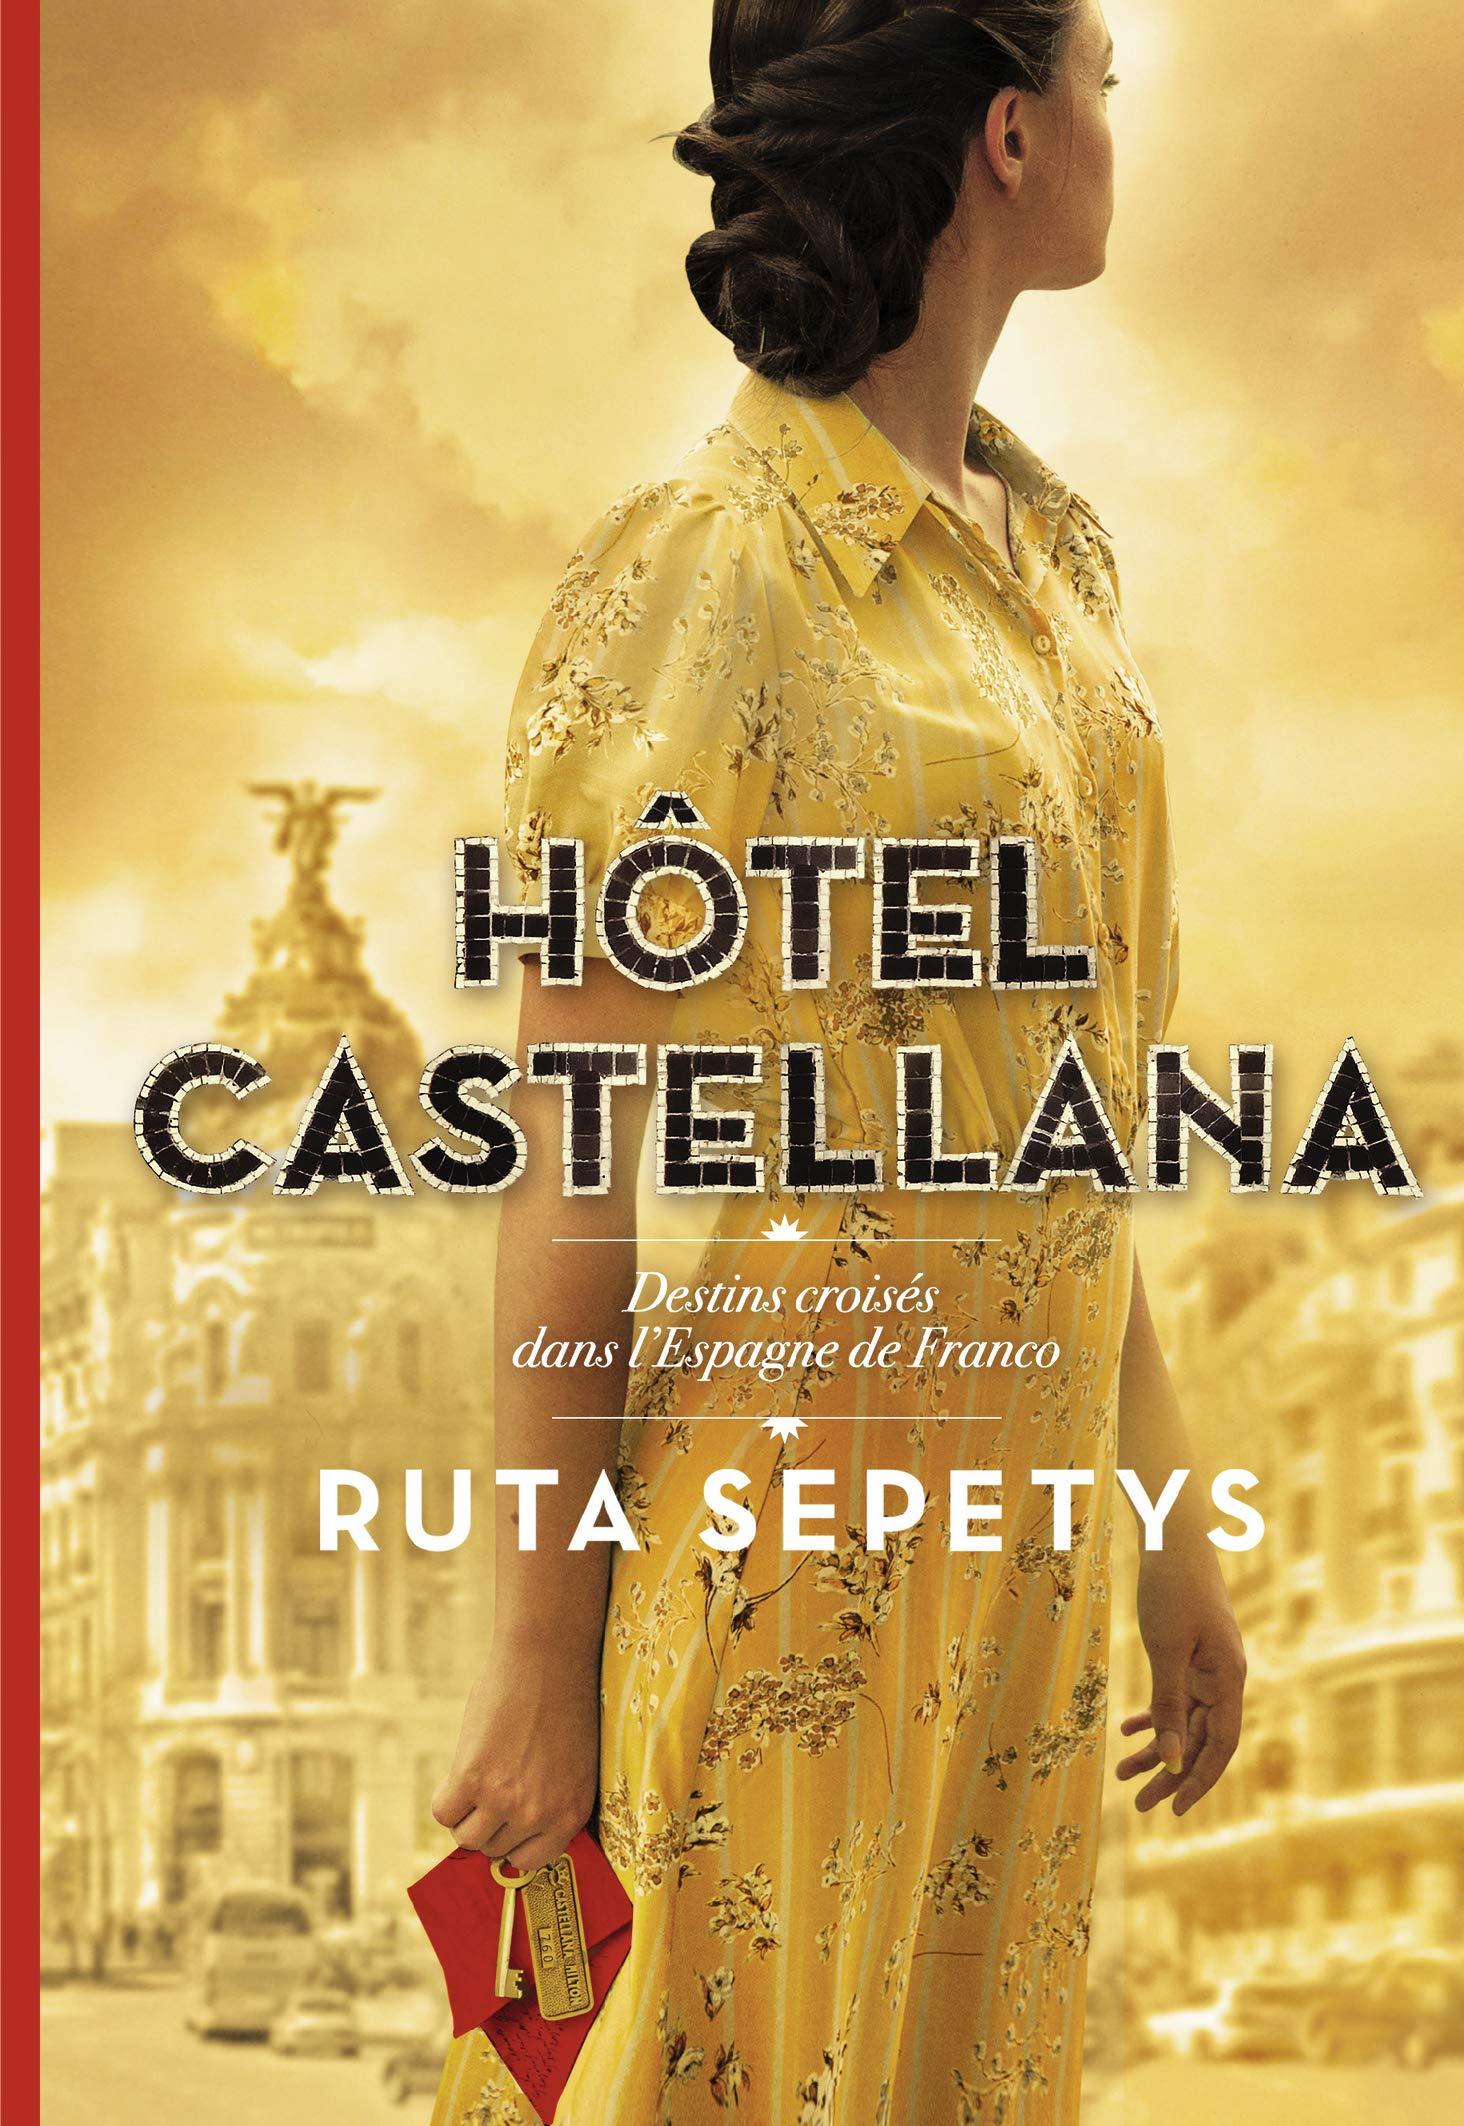 Amazon.fr - Hôtel Castellana - Destins croisés dans l'Espagne de Franco -  Sepetys, Ruta, Fiore, Faustina - Livres